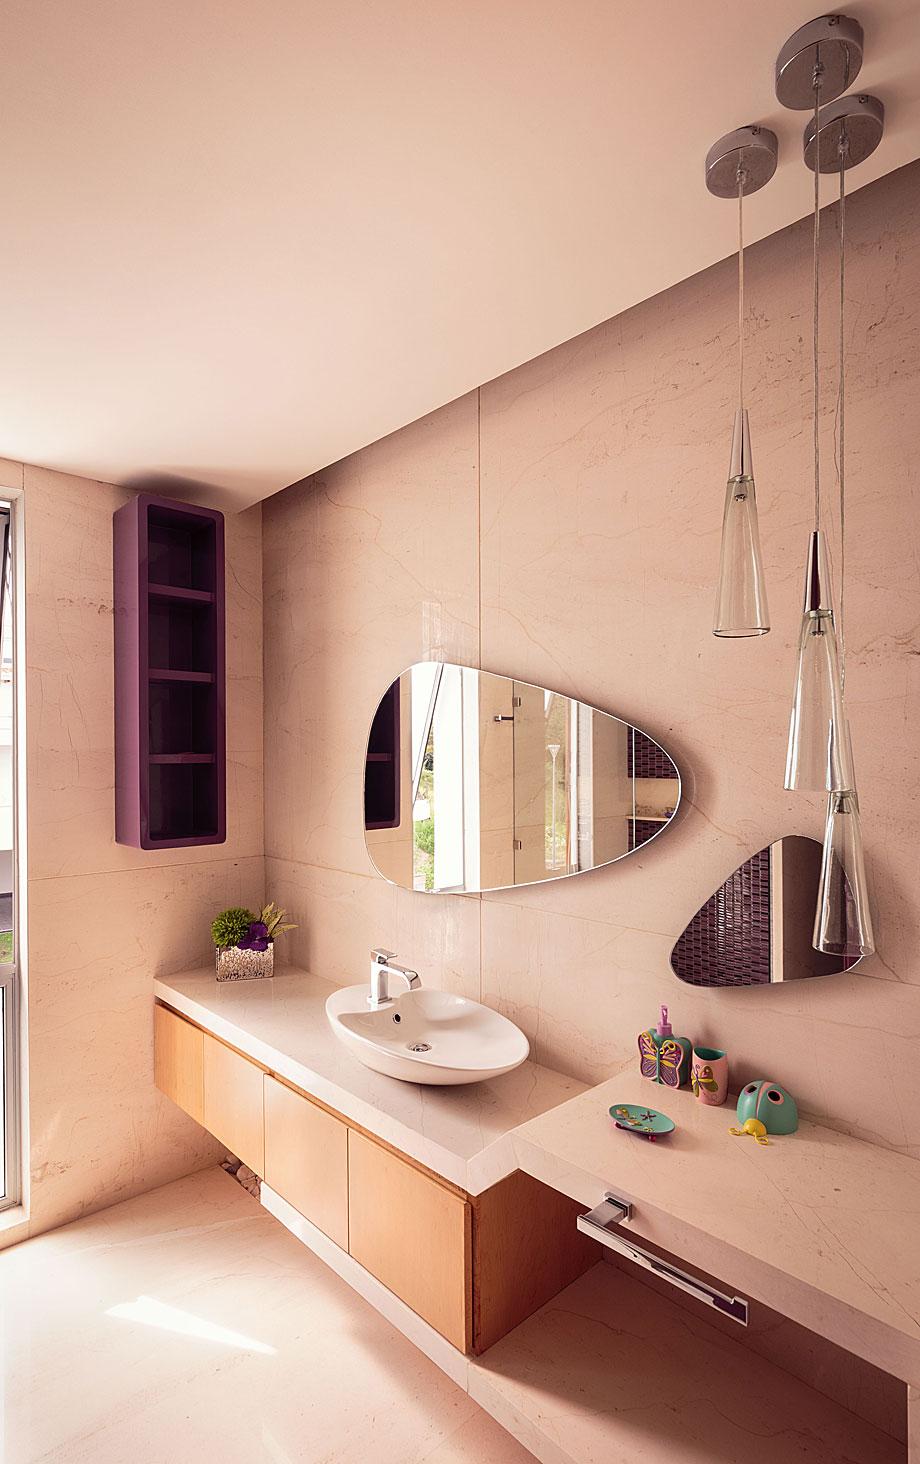 Casa Del Bosque De Niebla Por Bca Taller De Arquitectura # Ad Hoc Muebles Veracruz